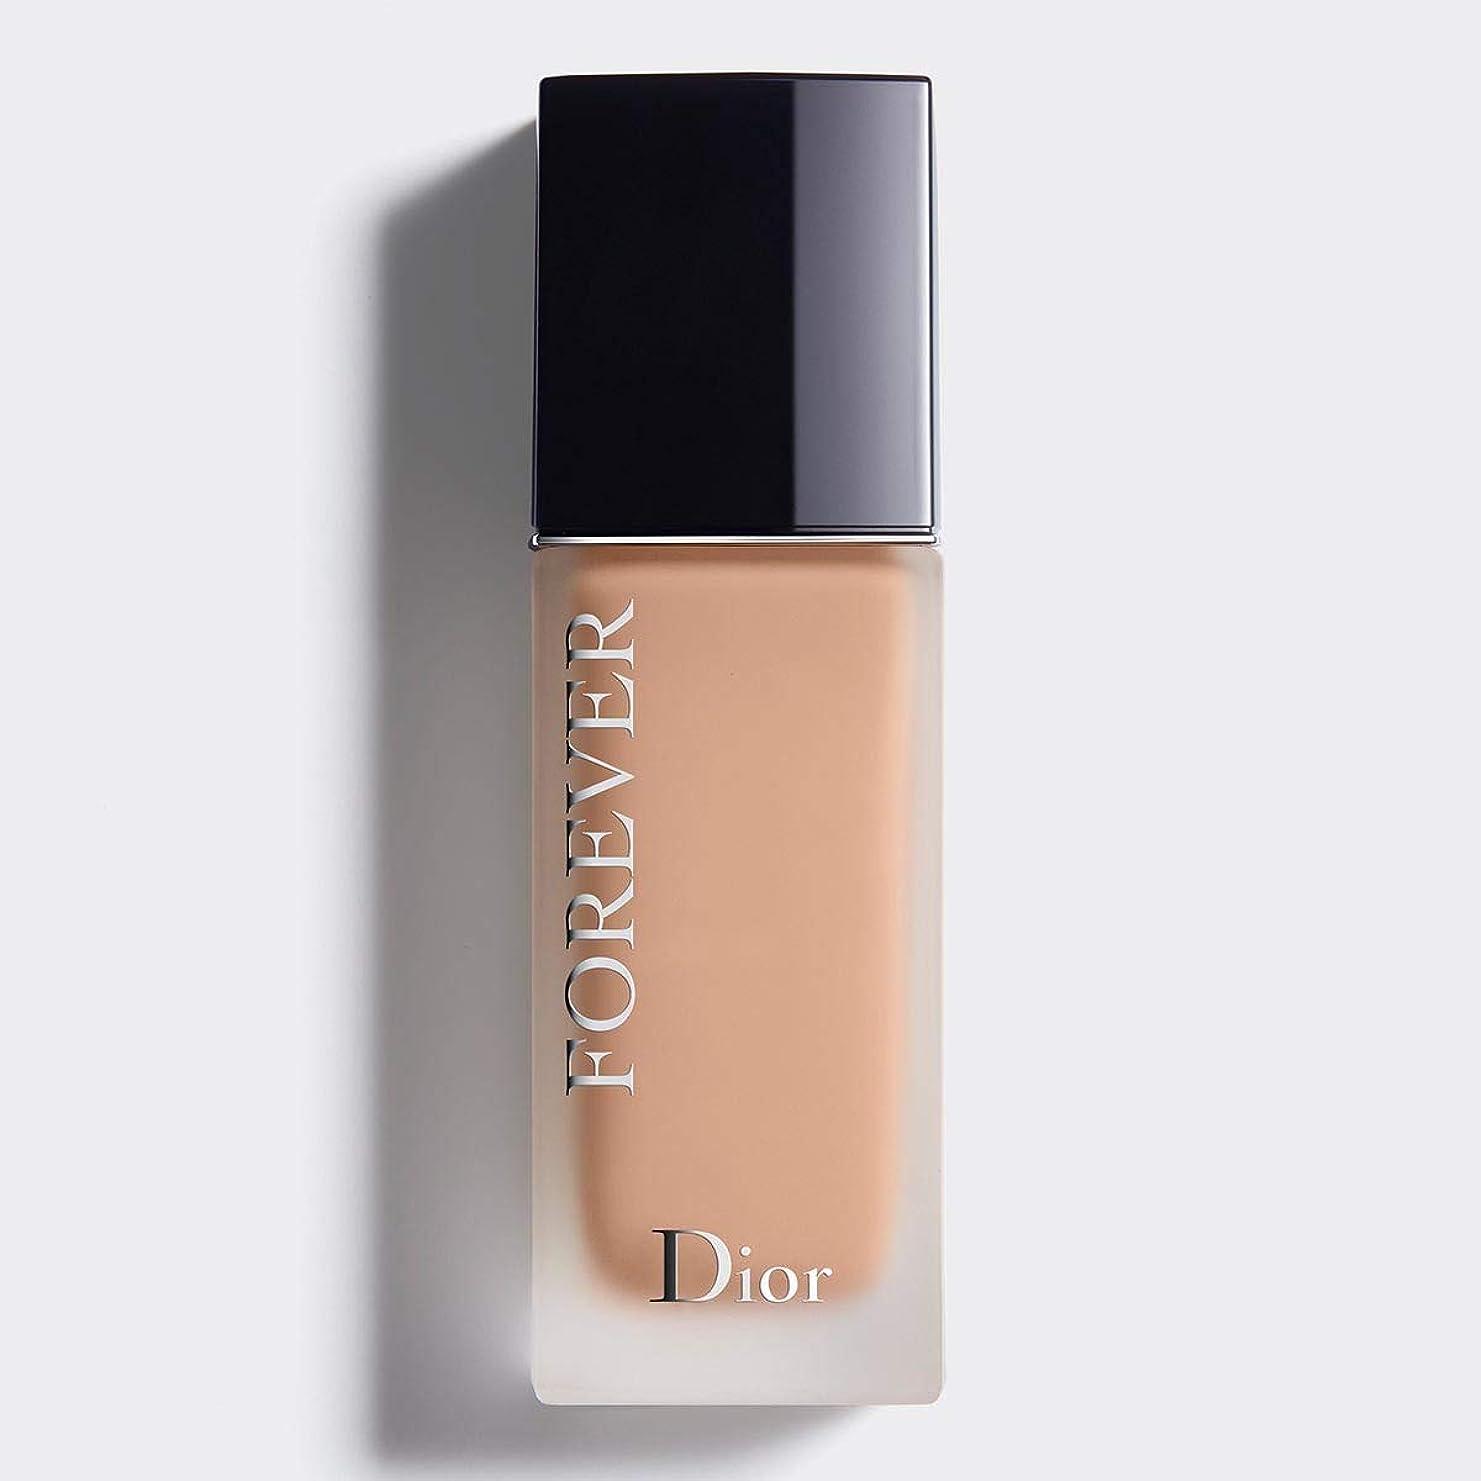 ケージ大学生前クリスチャンディオール Dior Forever 24H Wear High Perfection Foundation SPF 35 - # 3CR (Cool Rosy) 30ml/1oz並行輸入品